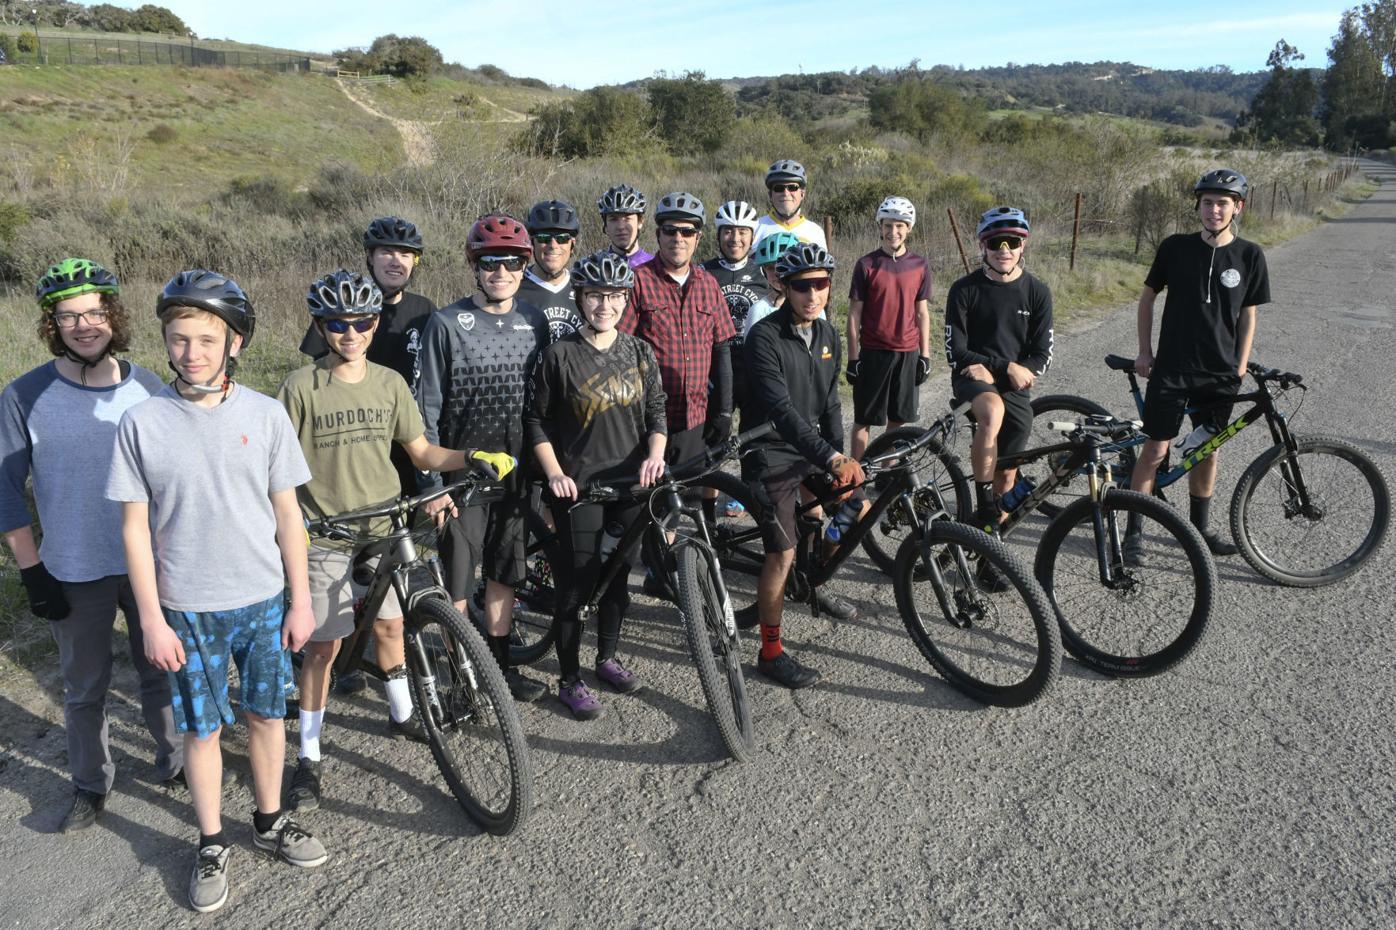 020420 SMV Mountain Bike team 02.jpg